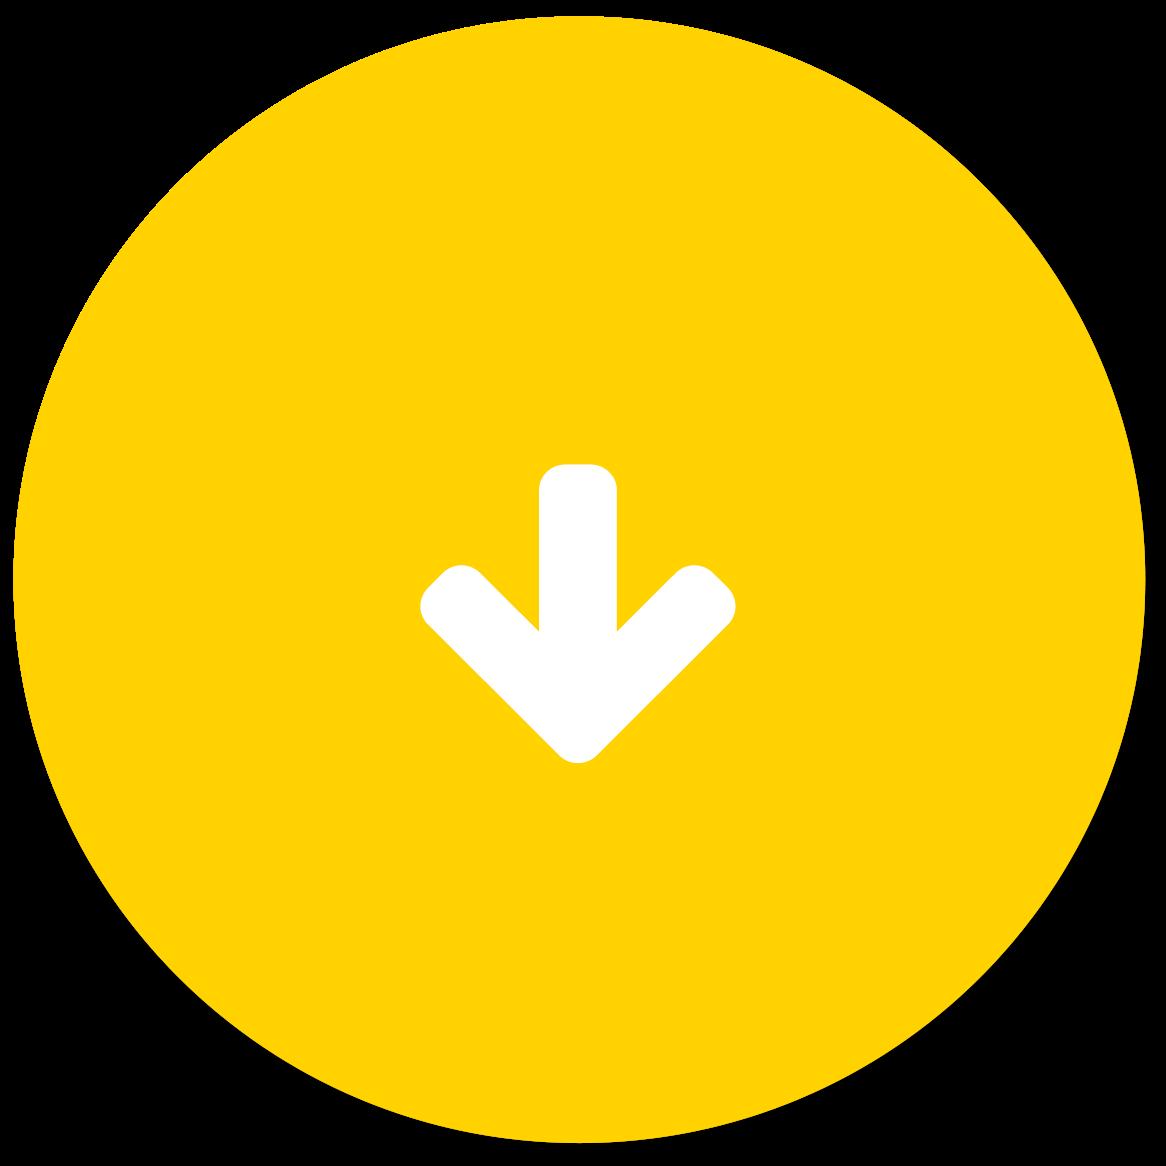 Gele button met een pijl naar beneden